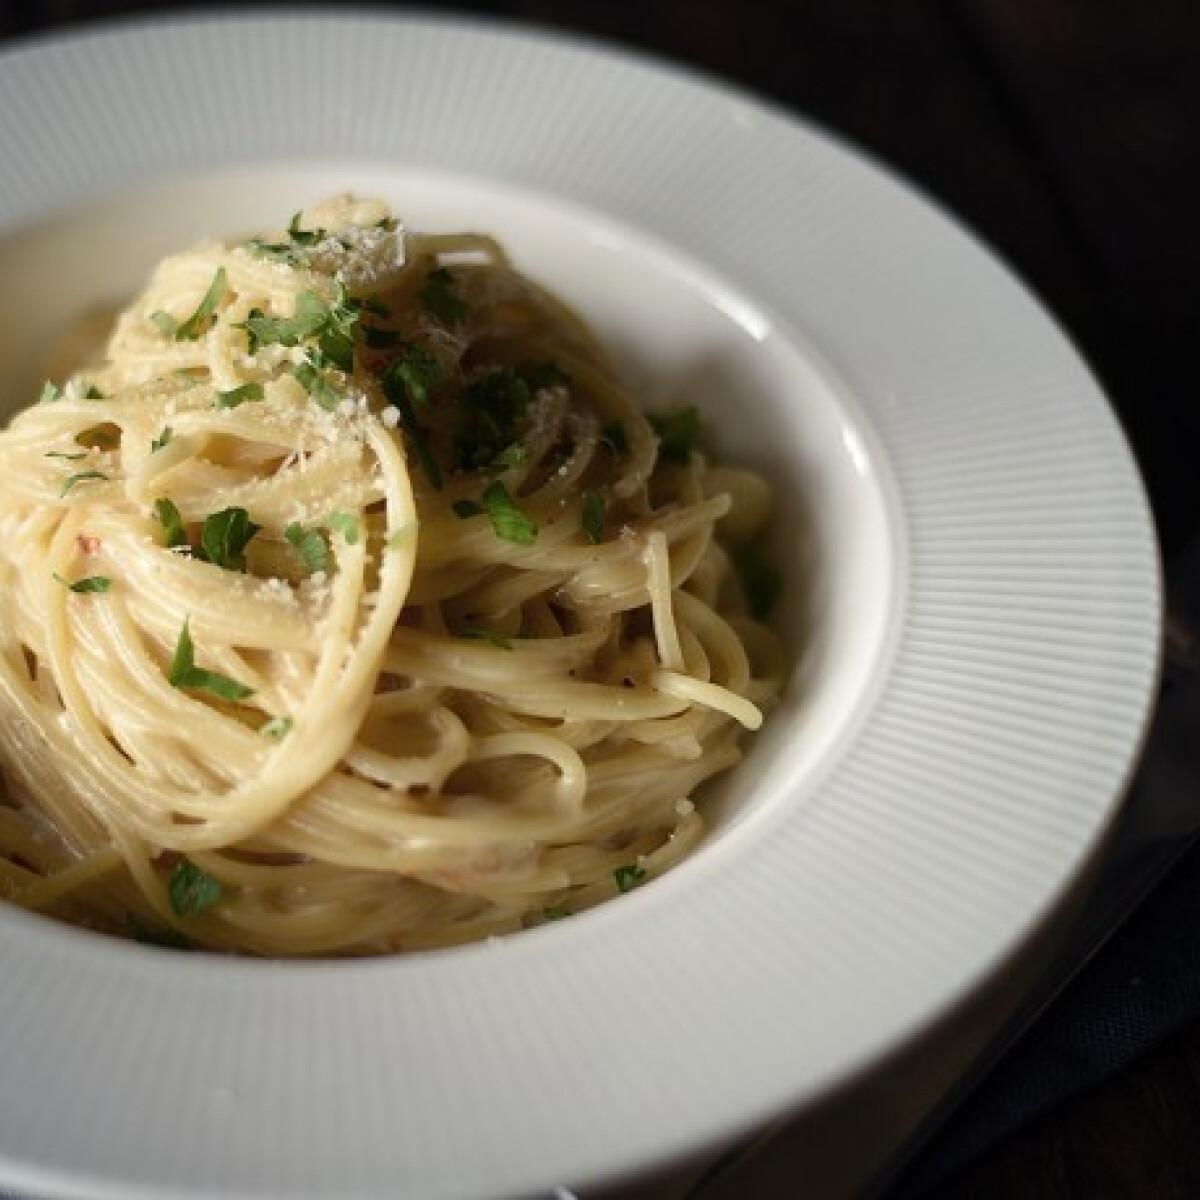 Egyedényes, sajtszószos-fokhagymás spagetti